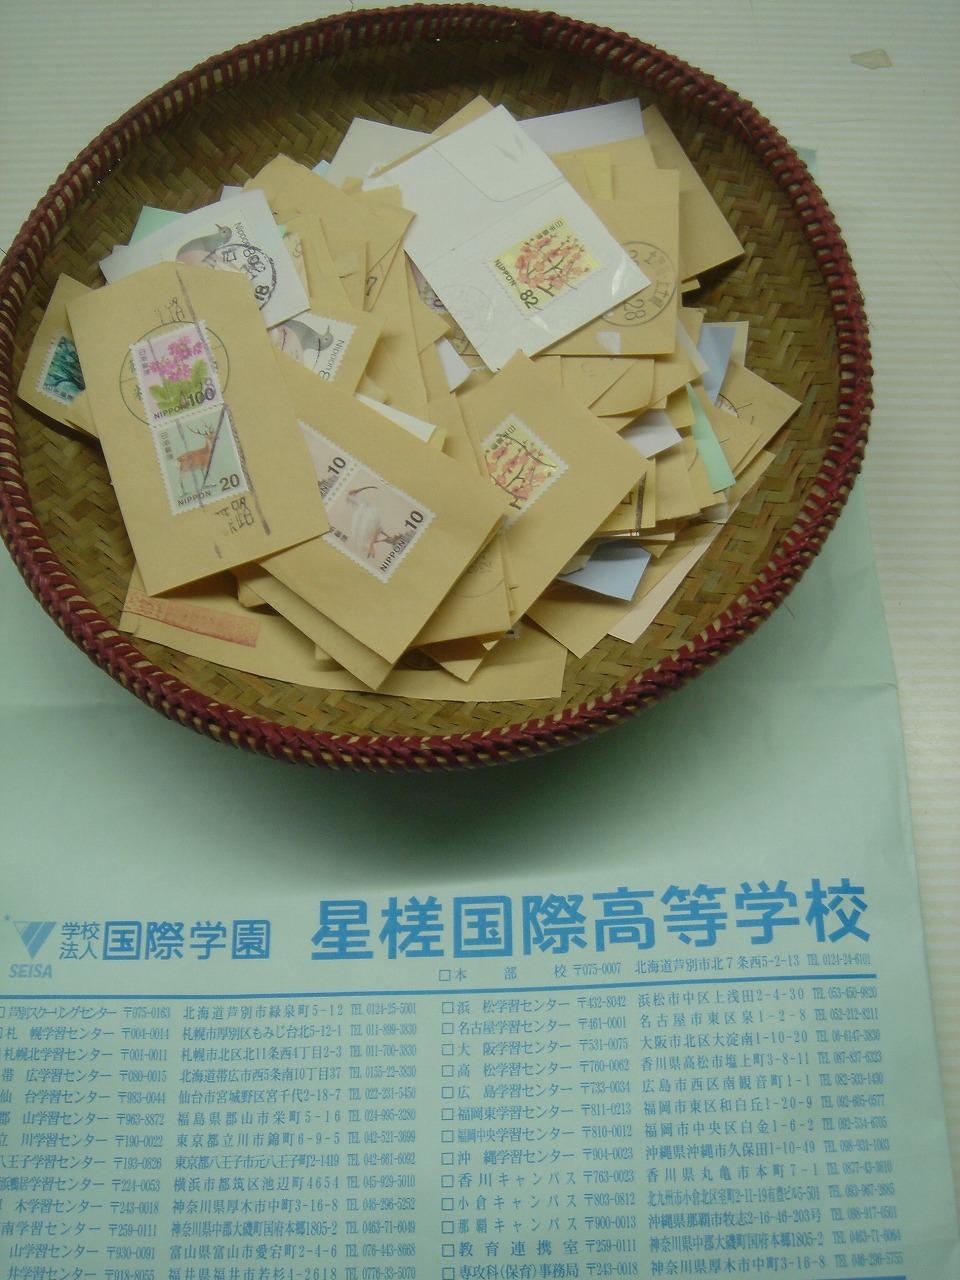 http://www.unicef-hokkaido.jp/img/%E6%98%9F%E6%A7%8E%E9%AB%98%E6%A0%A1.jpg